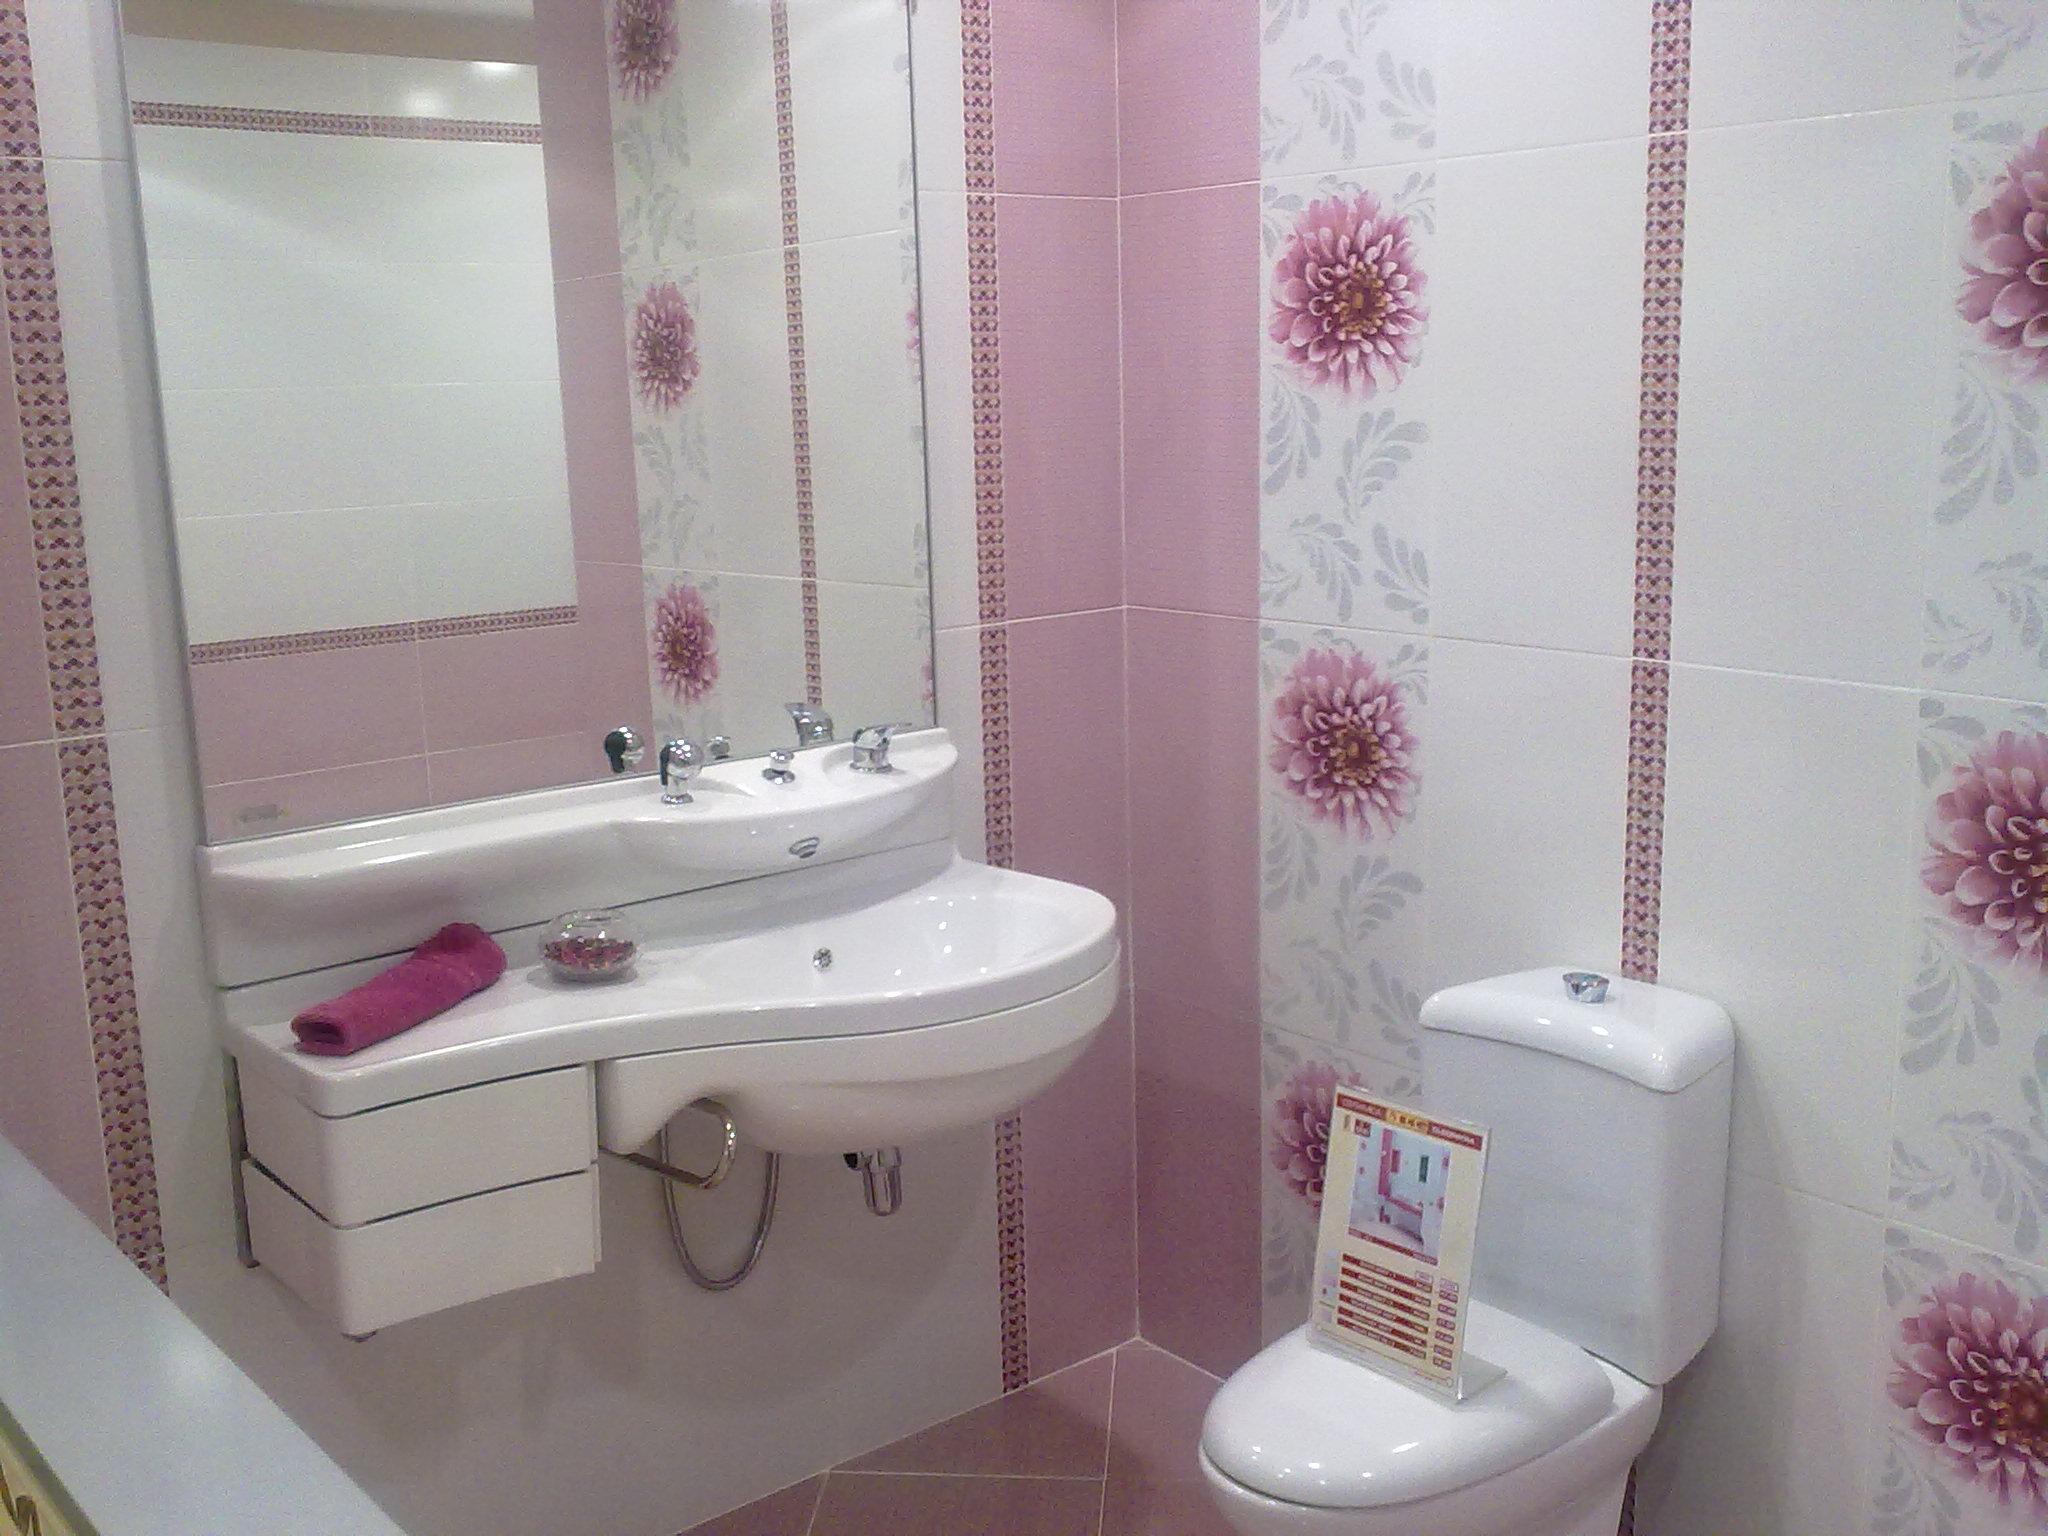 بالصور ديكورات حمامات بسيطة , بالصور احدث ديكورات حمامات جديده 35 7